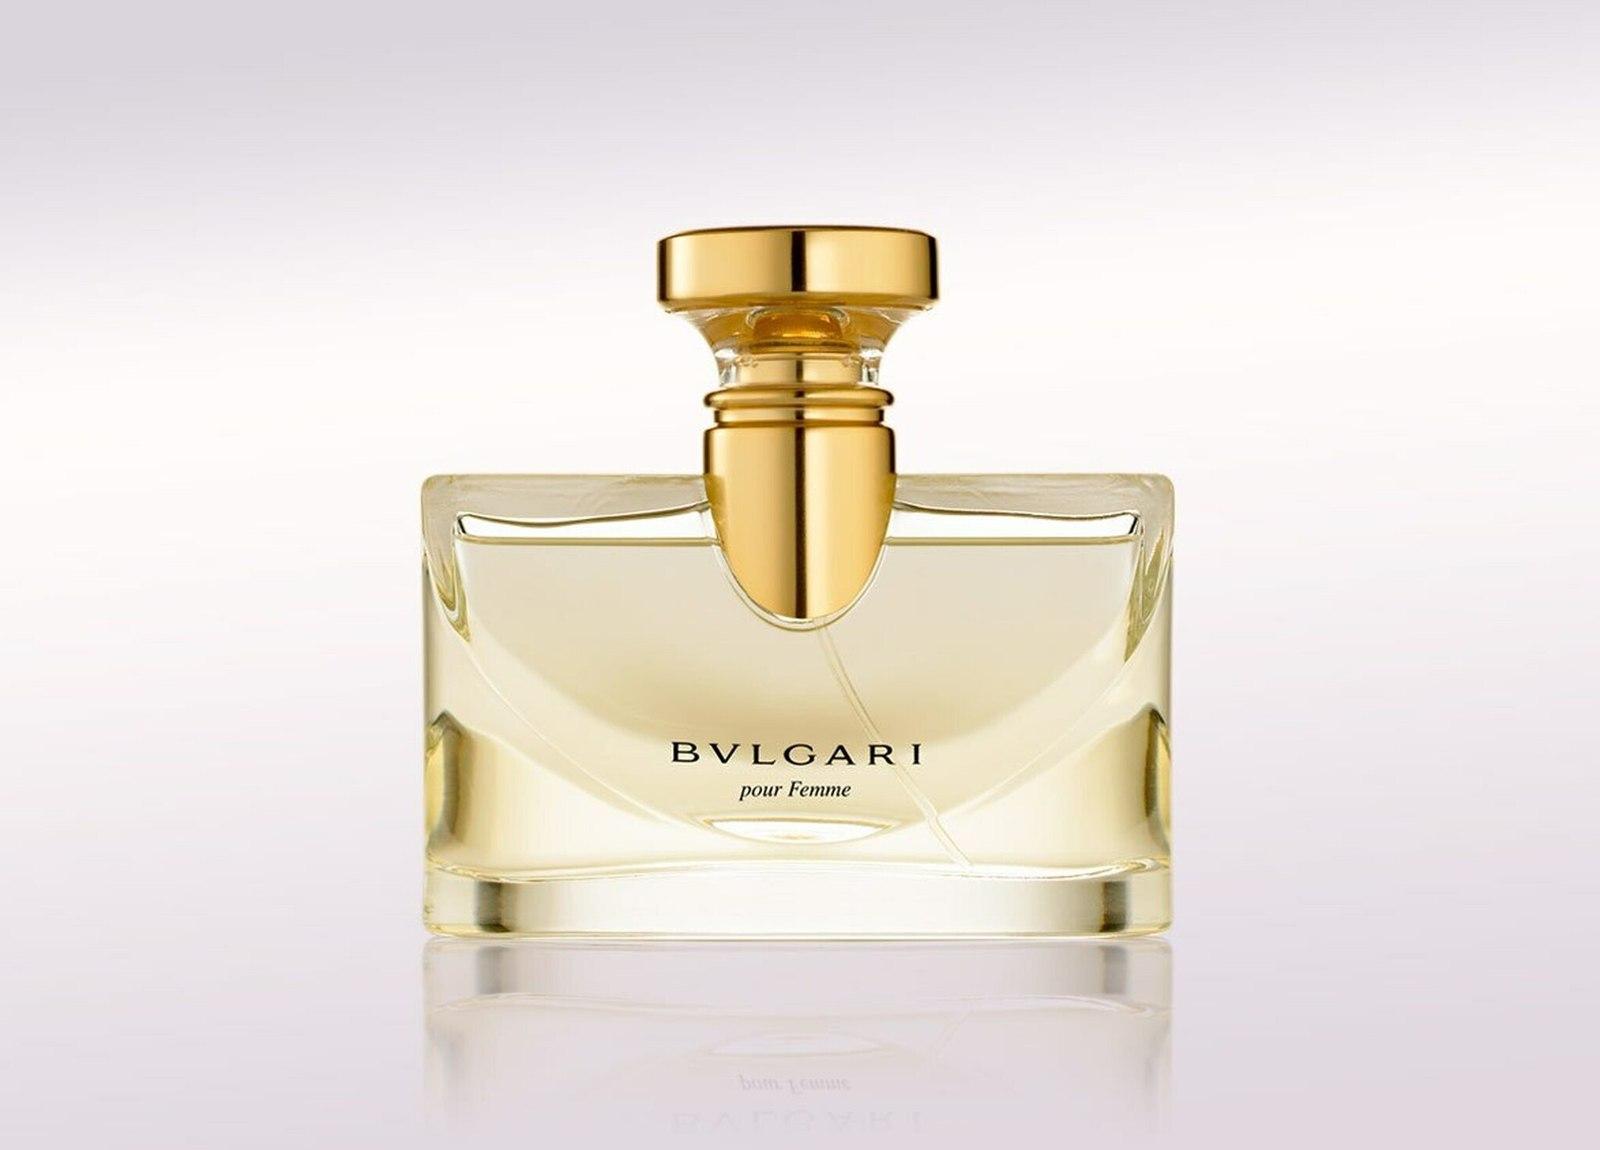 Bvlgari pour femme perfume 1.7 oz edt spray